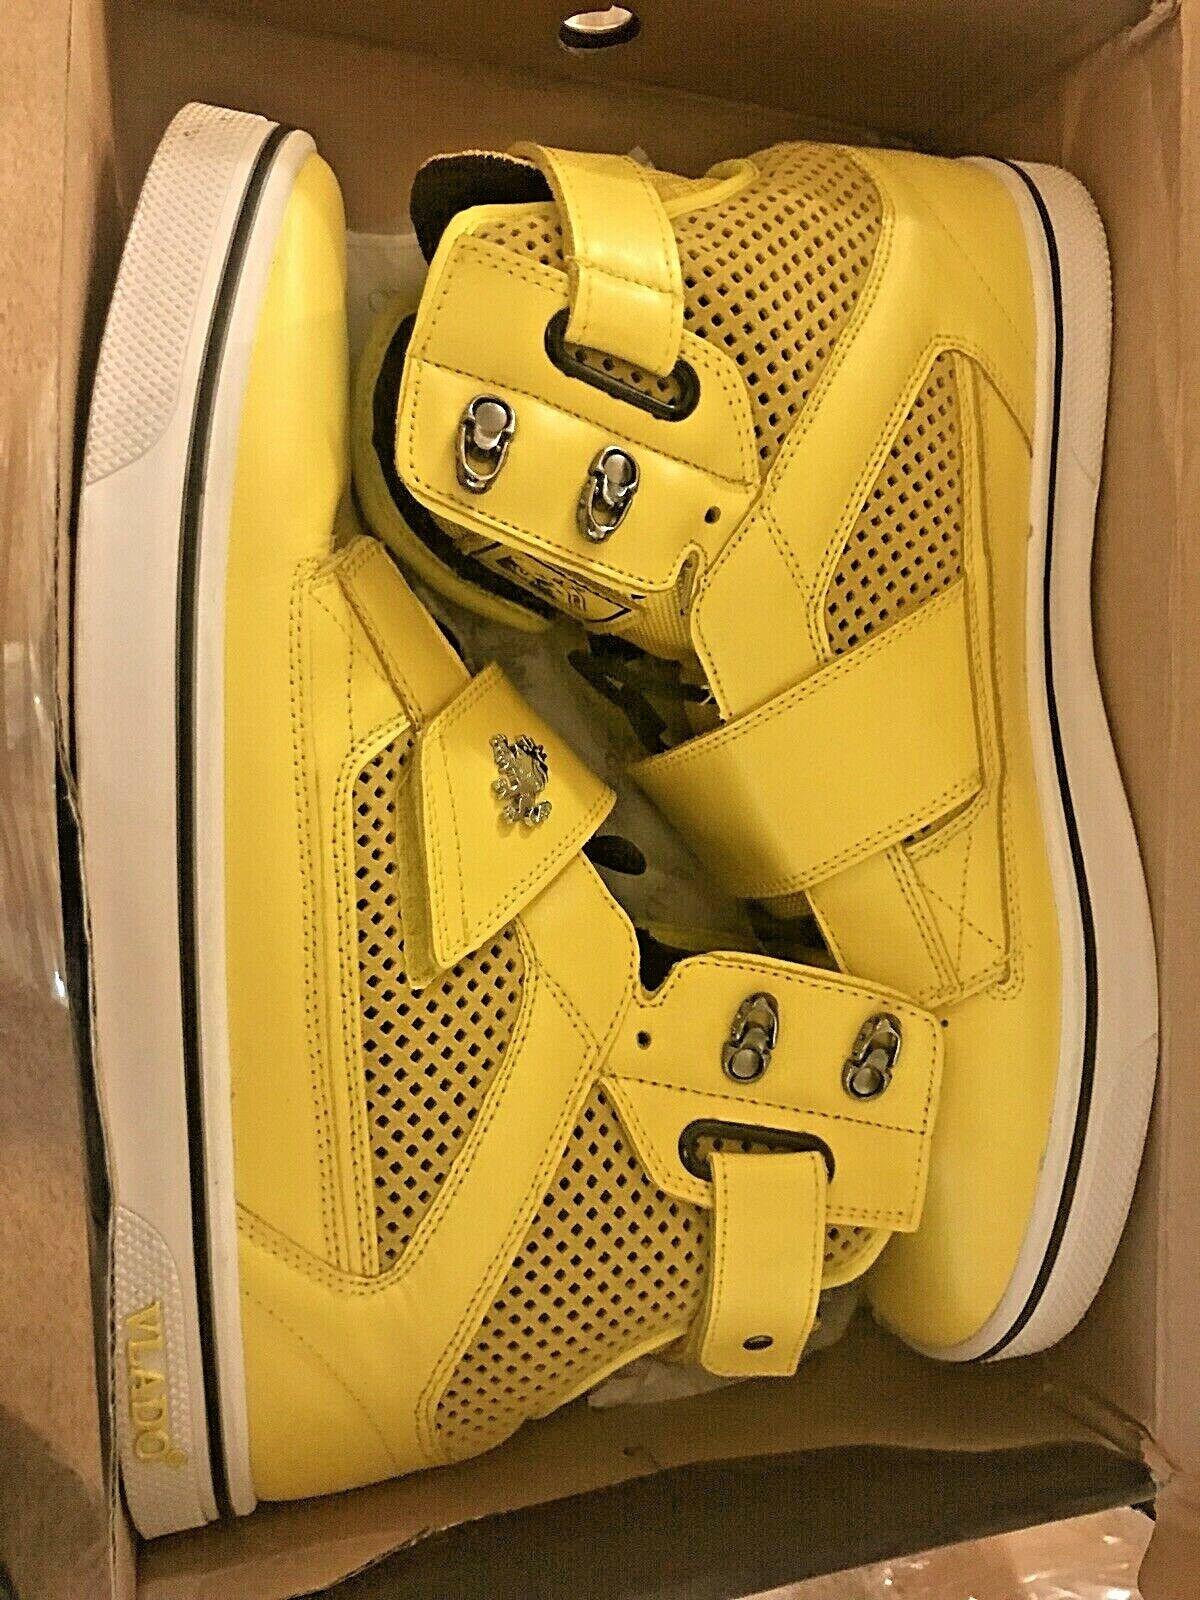 nuovo W scatola Vlado Footwear Dimensione 12 Atlas gituttio Tennis sautope High Top Sautope classeiche da uomo